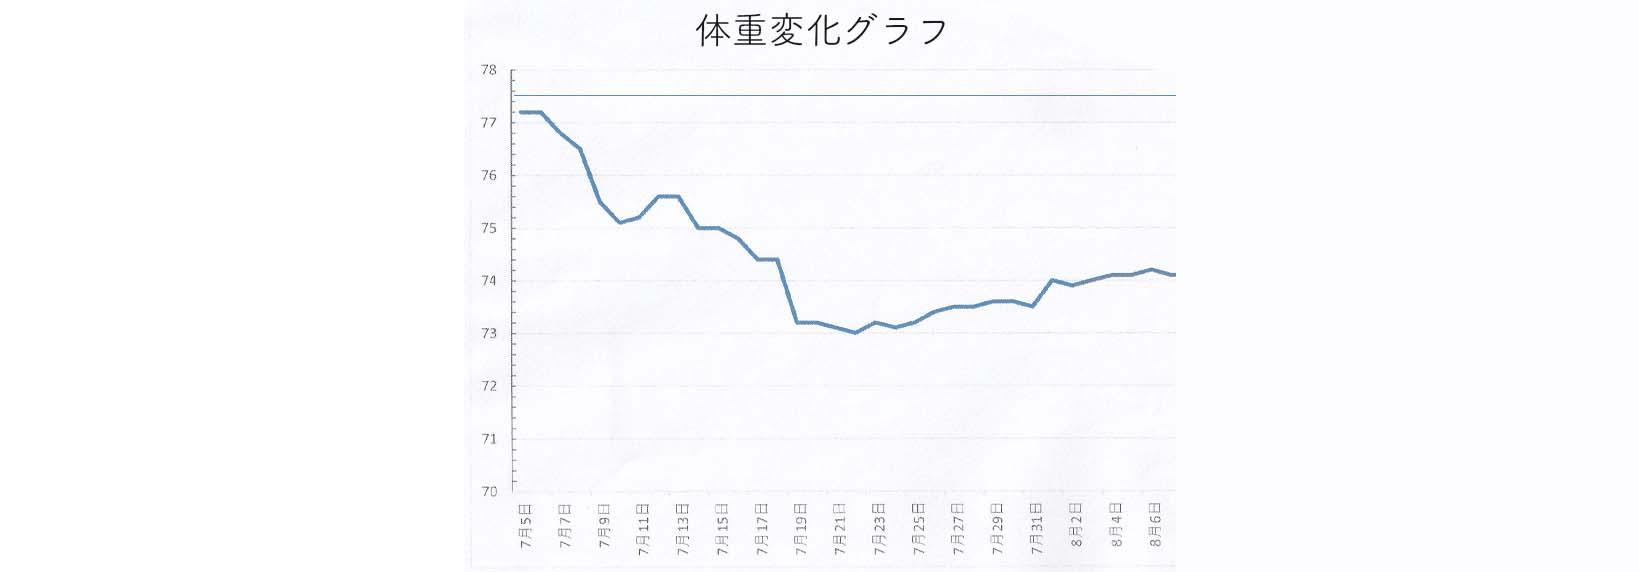 Bさんグラフ